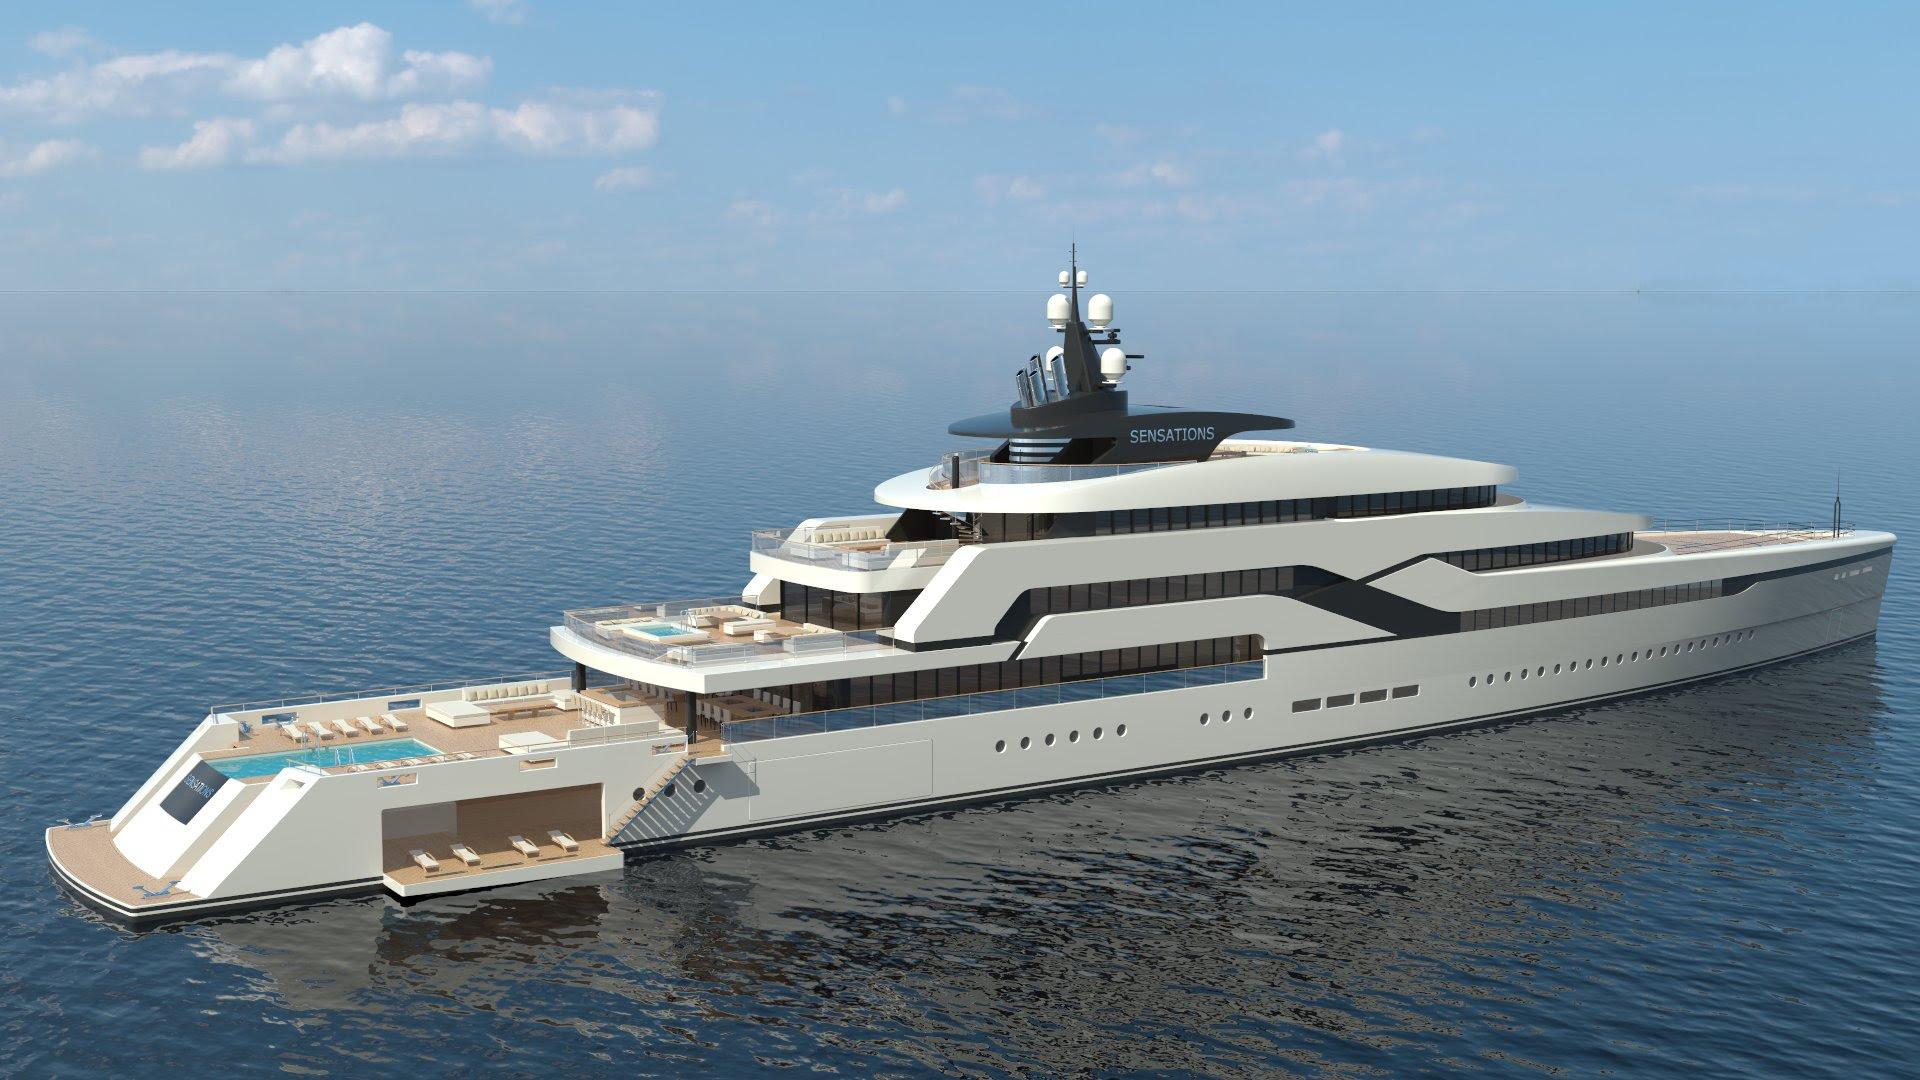 Sensations II mega yacht concept